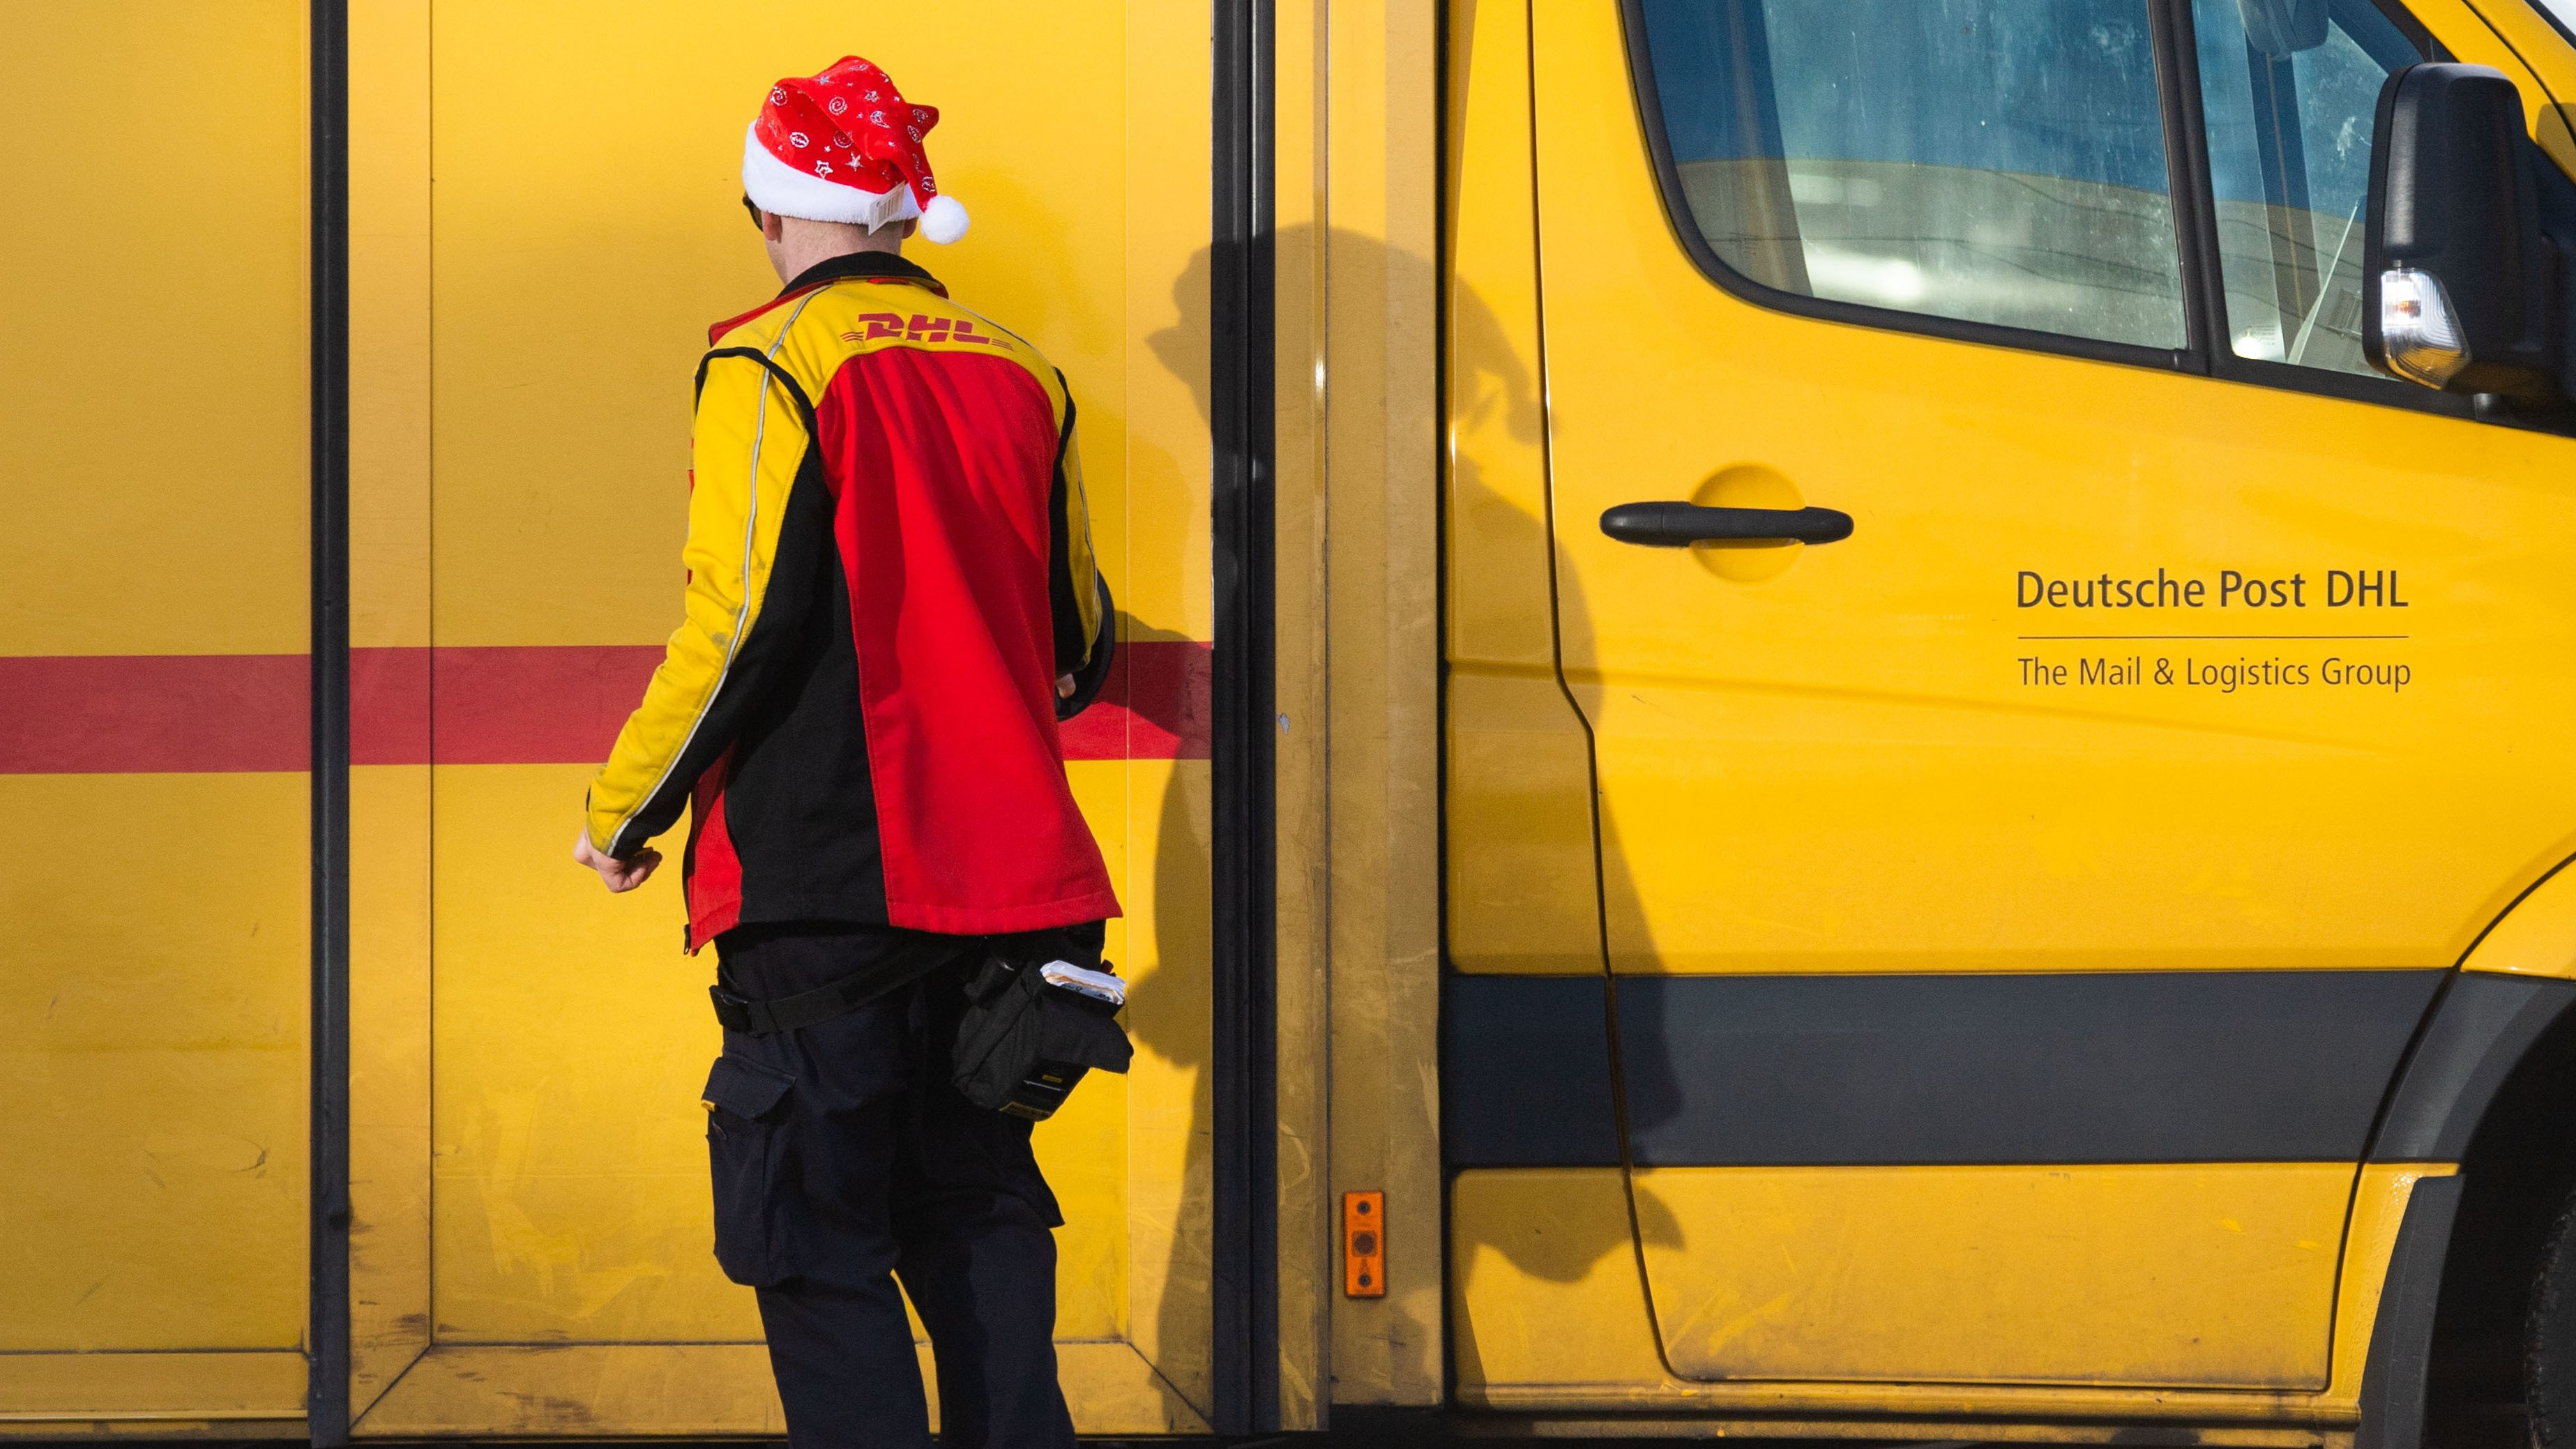 Ein Paketzusteller von Deutsche Post DHL trägt bei der Arbeit eine Weihnachtsmannmütze (Symbolbild).